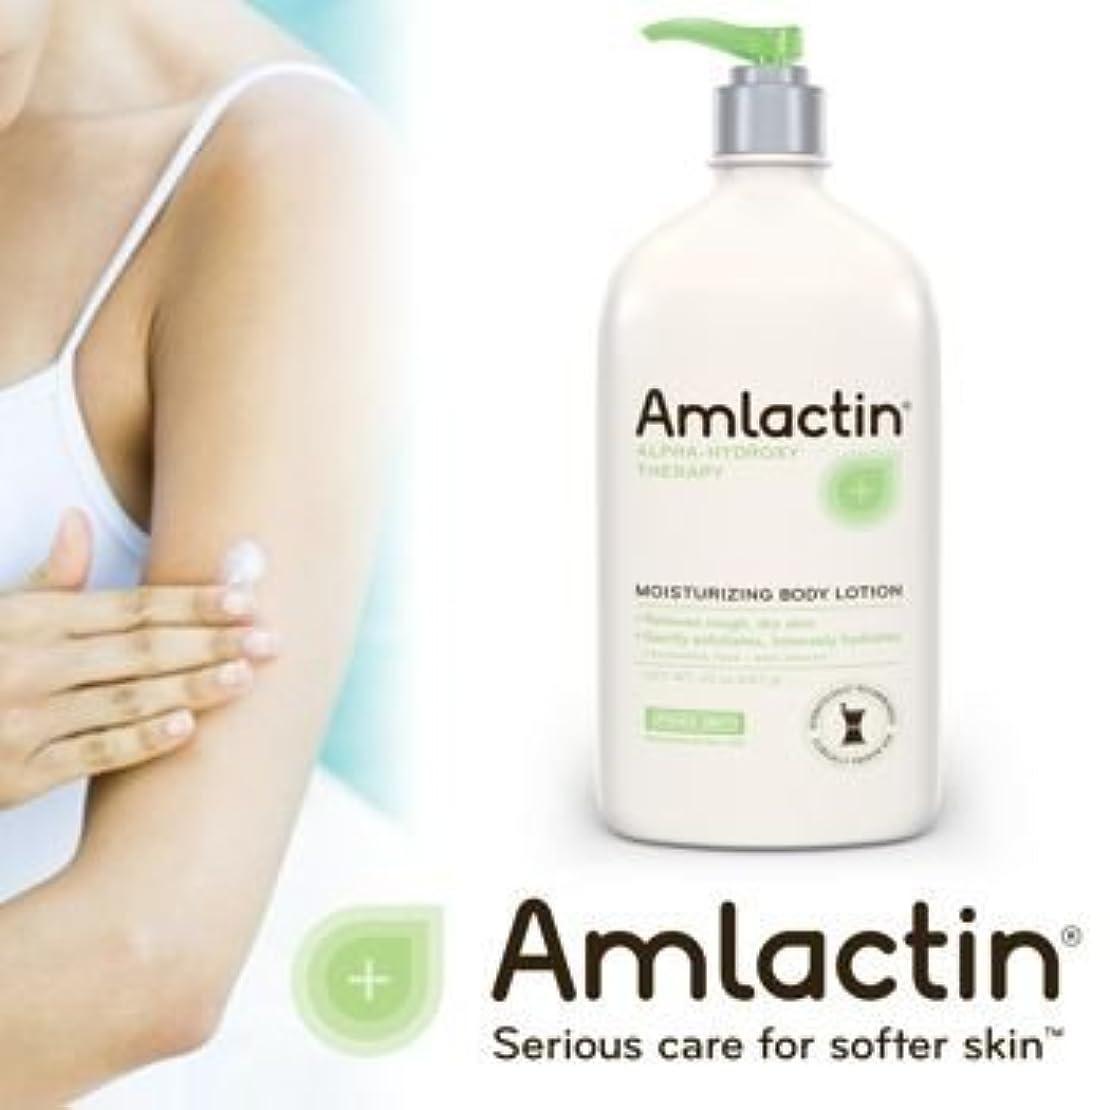 どっちでも私のデッドアムラクティン 保湿液 (乾燥肌のため) - 12% 乳酸 - AmLactin 12 % Moisturizing Lotion - 500 g / 17.6 oz (Product packaging may vary)